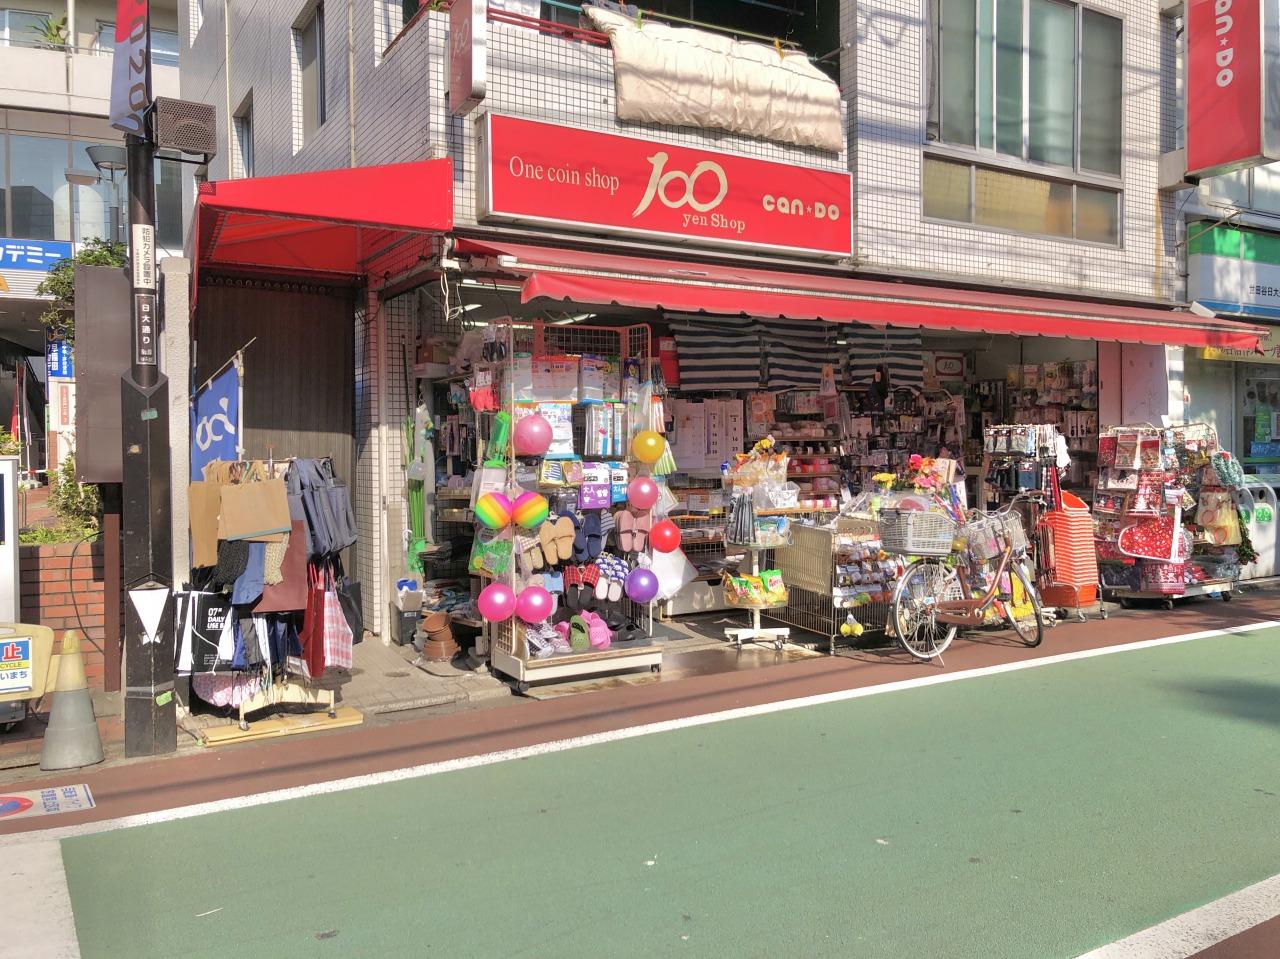 私は100円均一のお店の前を通るたびに「そういえば100均で買わなきゃいけないものがあったような」と考えてしまうんですよね。その時思い出せなくても、またすぐに買いにこれるのは助かります。